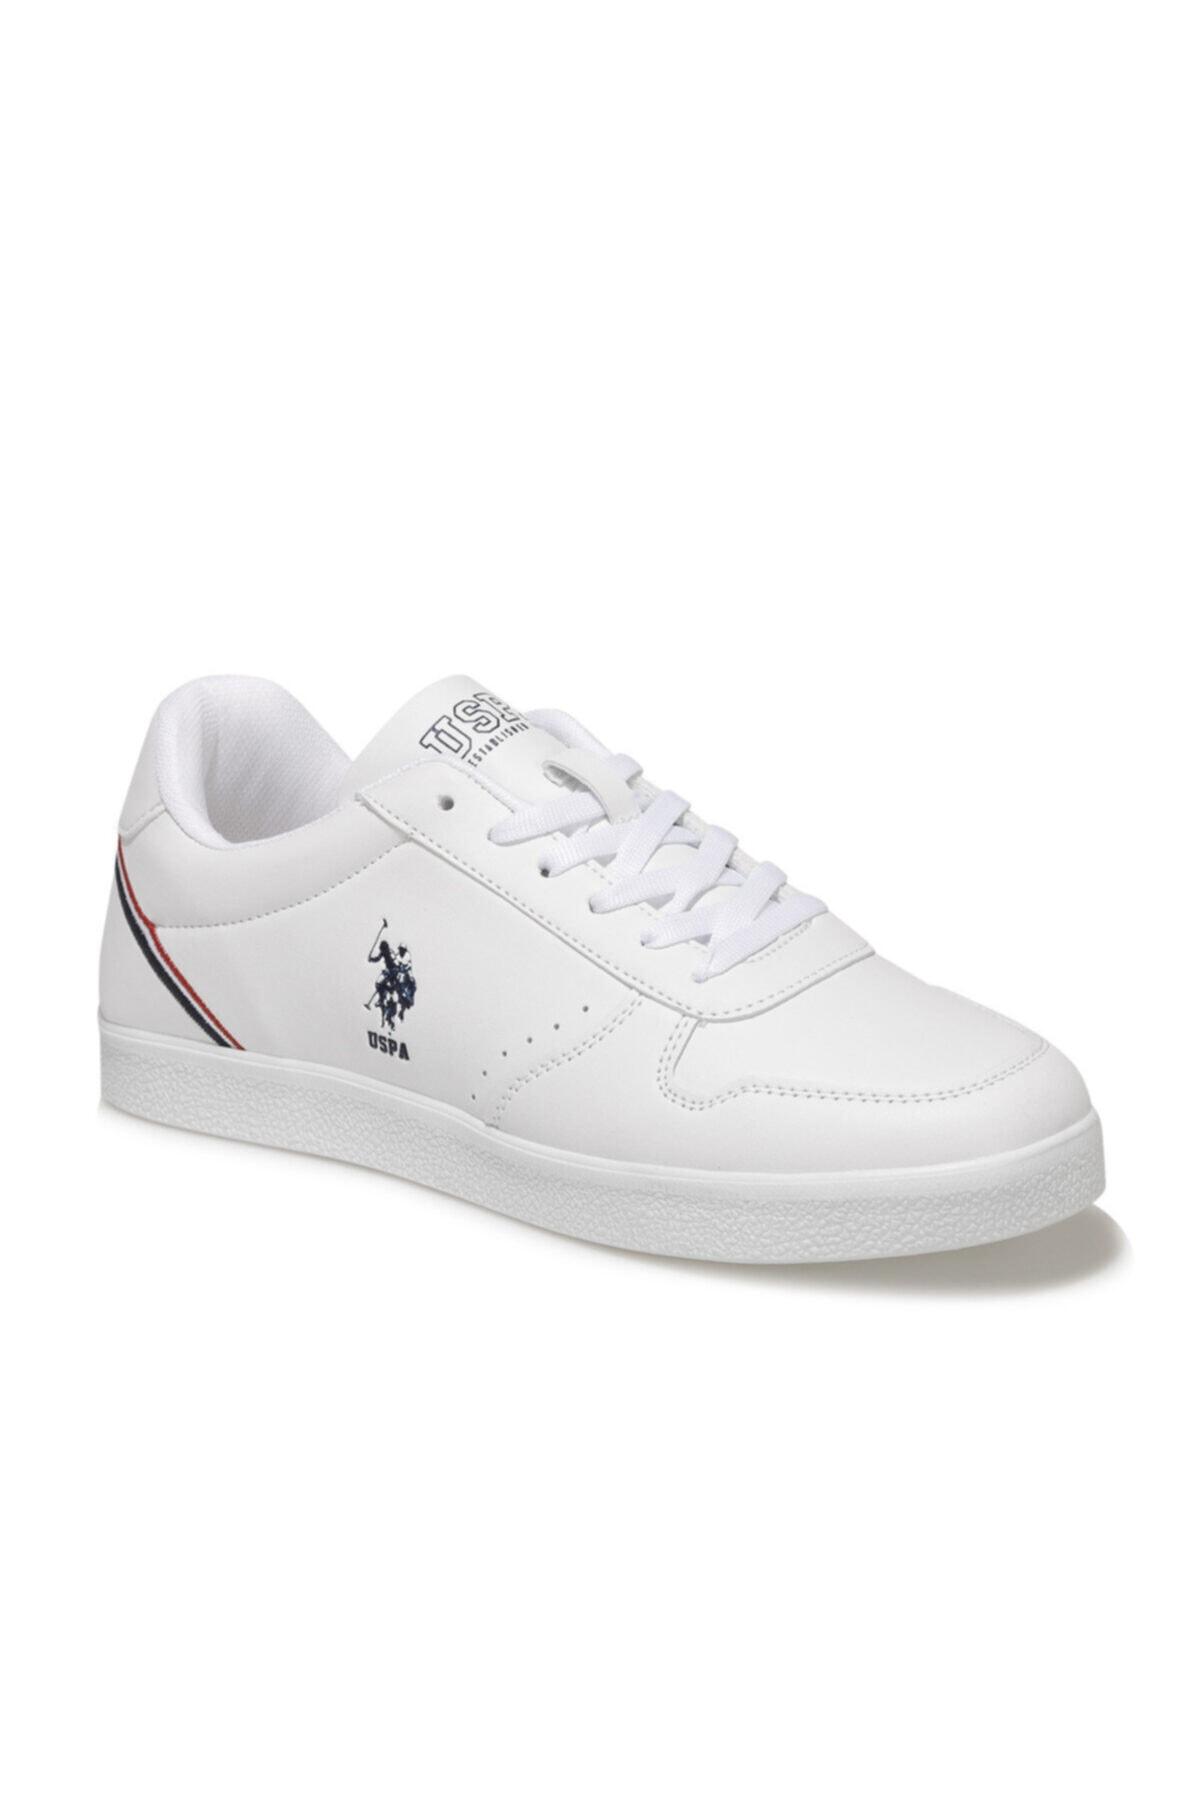 خرید اینترنتی کفش اسپرت مردانه مارک U.S. Polo Assn.برند US Polo کد ty72101513